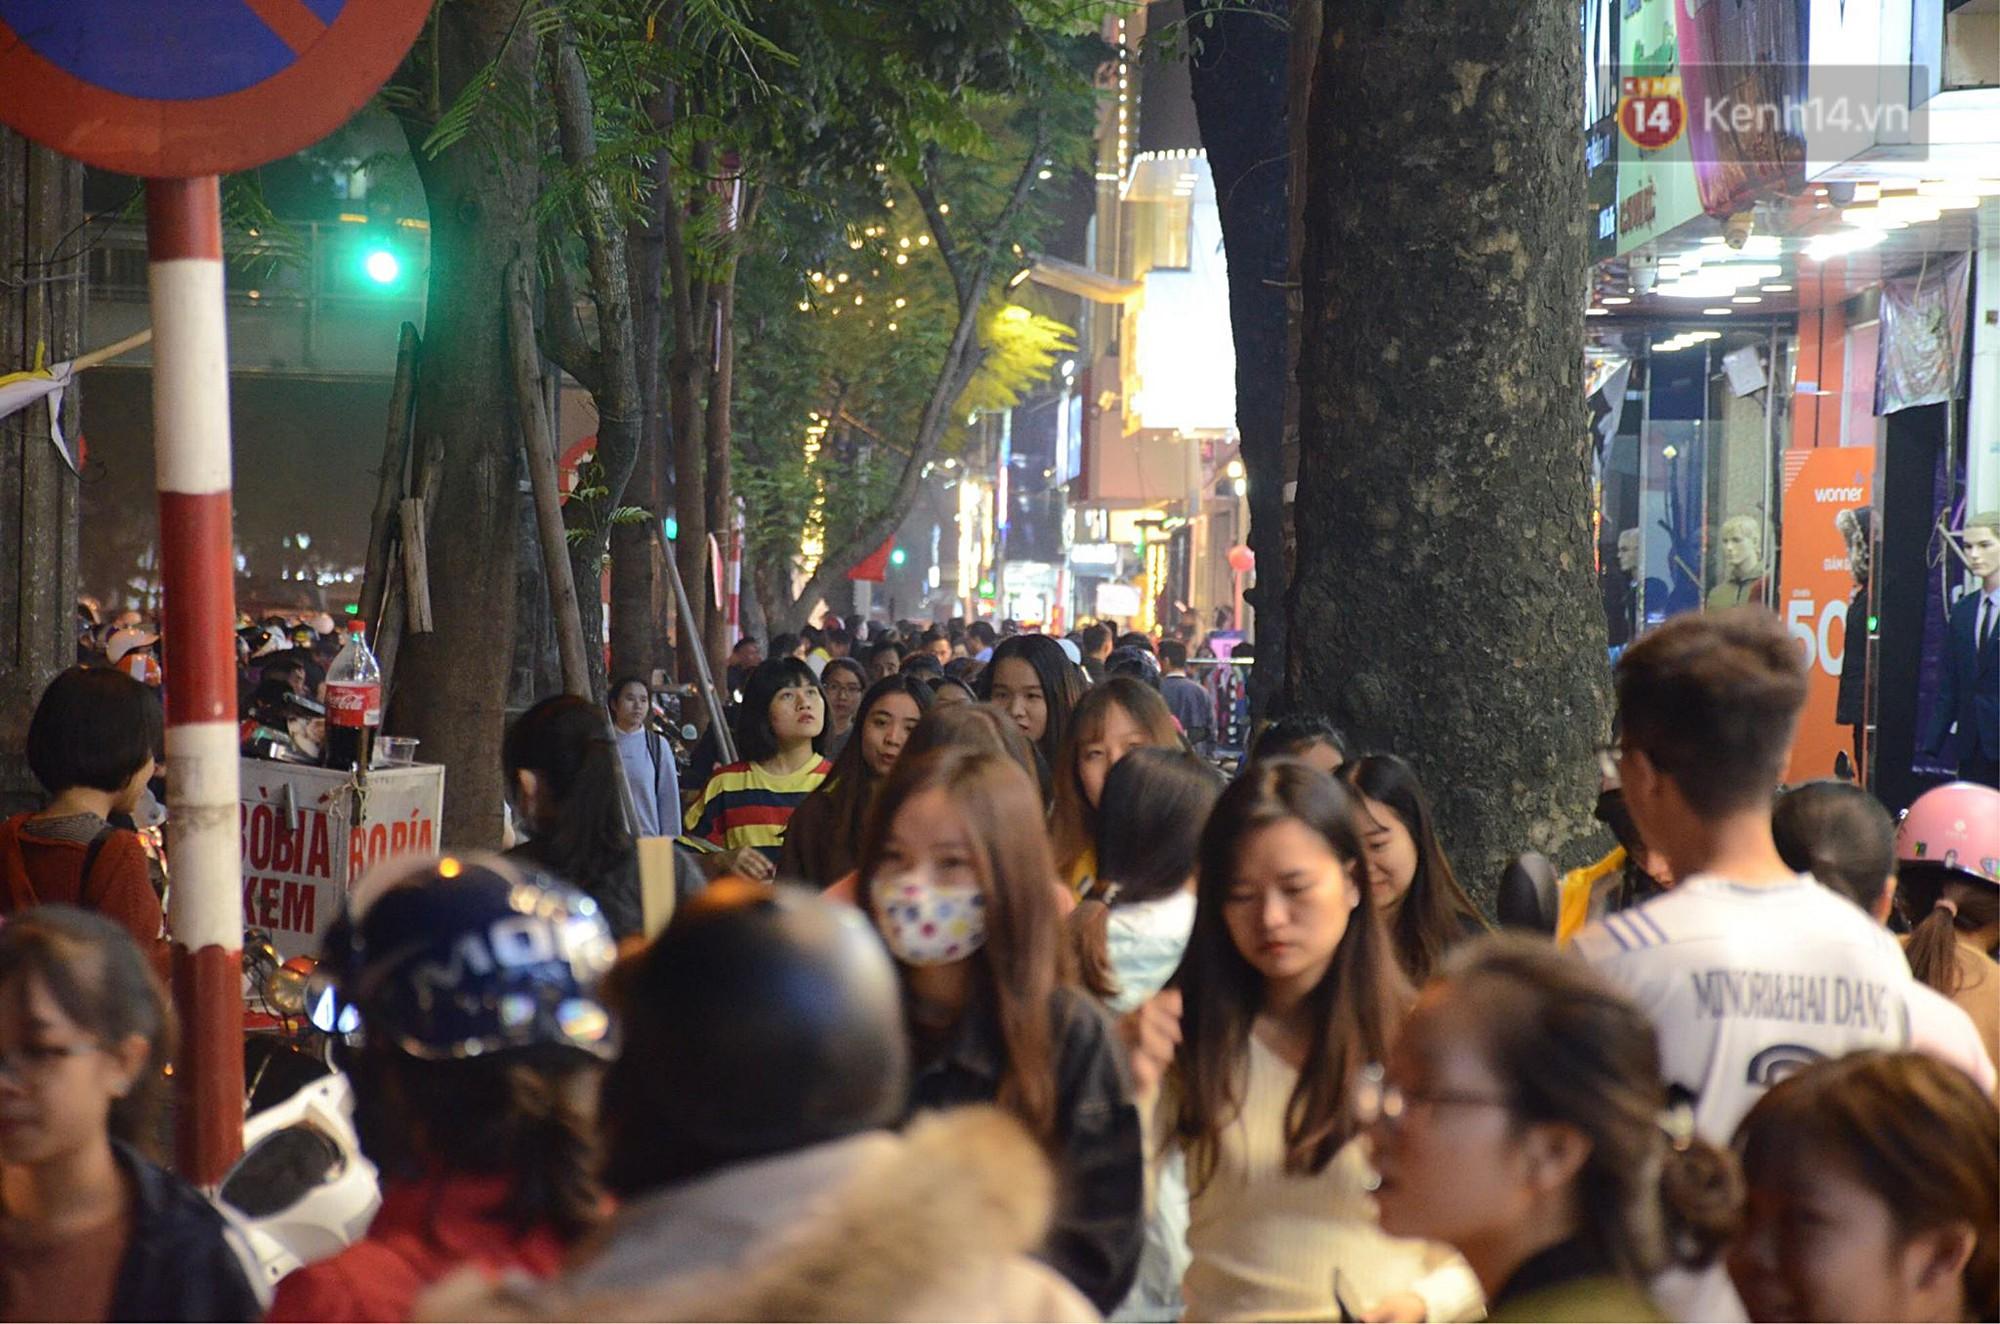 Tối ngày Black Friday ở Hà Nội: Đường phố tắc nghẽn vì bão sale chưa hạ nhiệt - Ảnh 13.